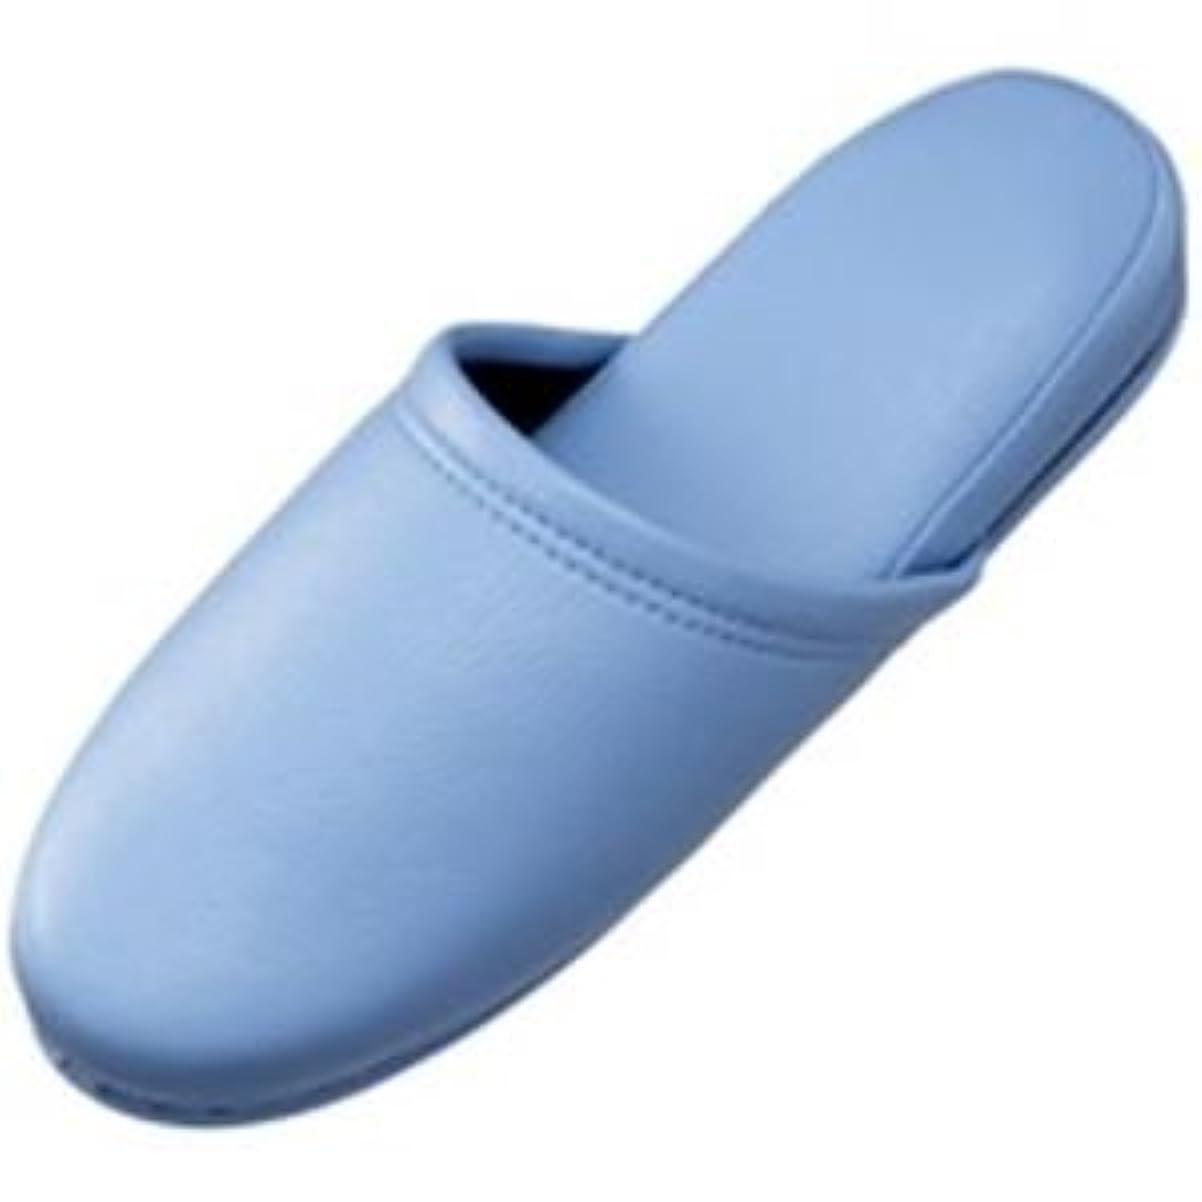 汚れる確認してくださいスプーンジョインテックス スリッパ10足組 ブルー N117J-BL